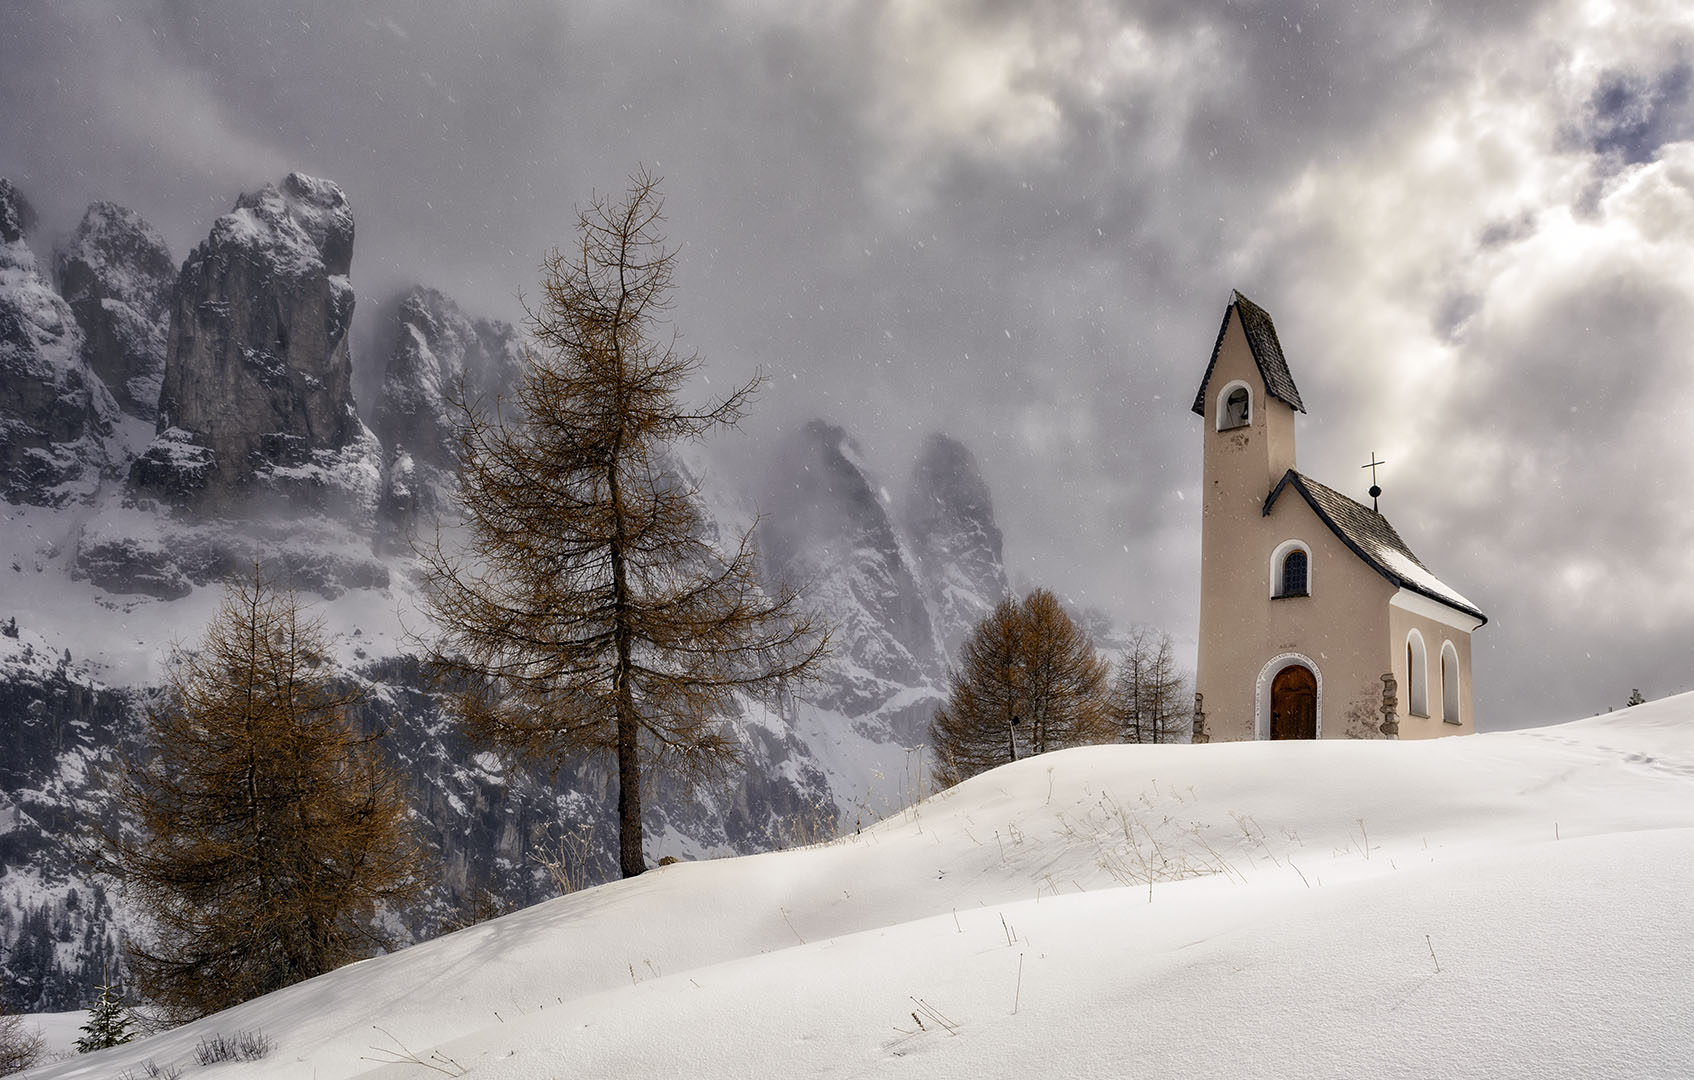 La ermita de las nieves - Archivo - Iñaki Larrea, Fotografía de naturaleza y montaña